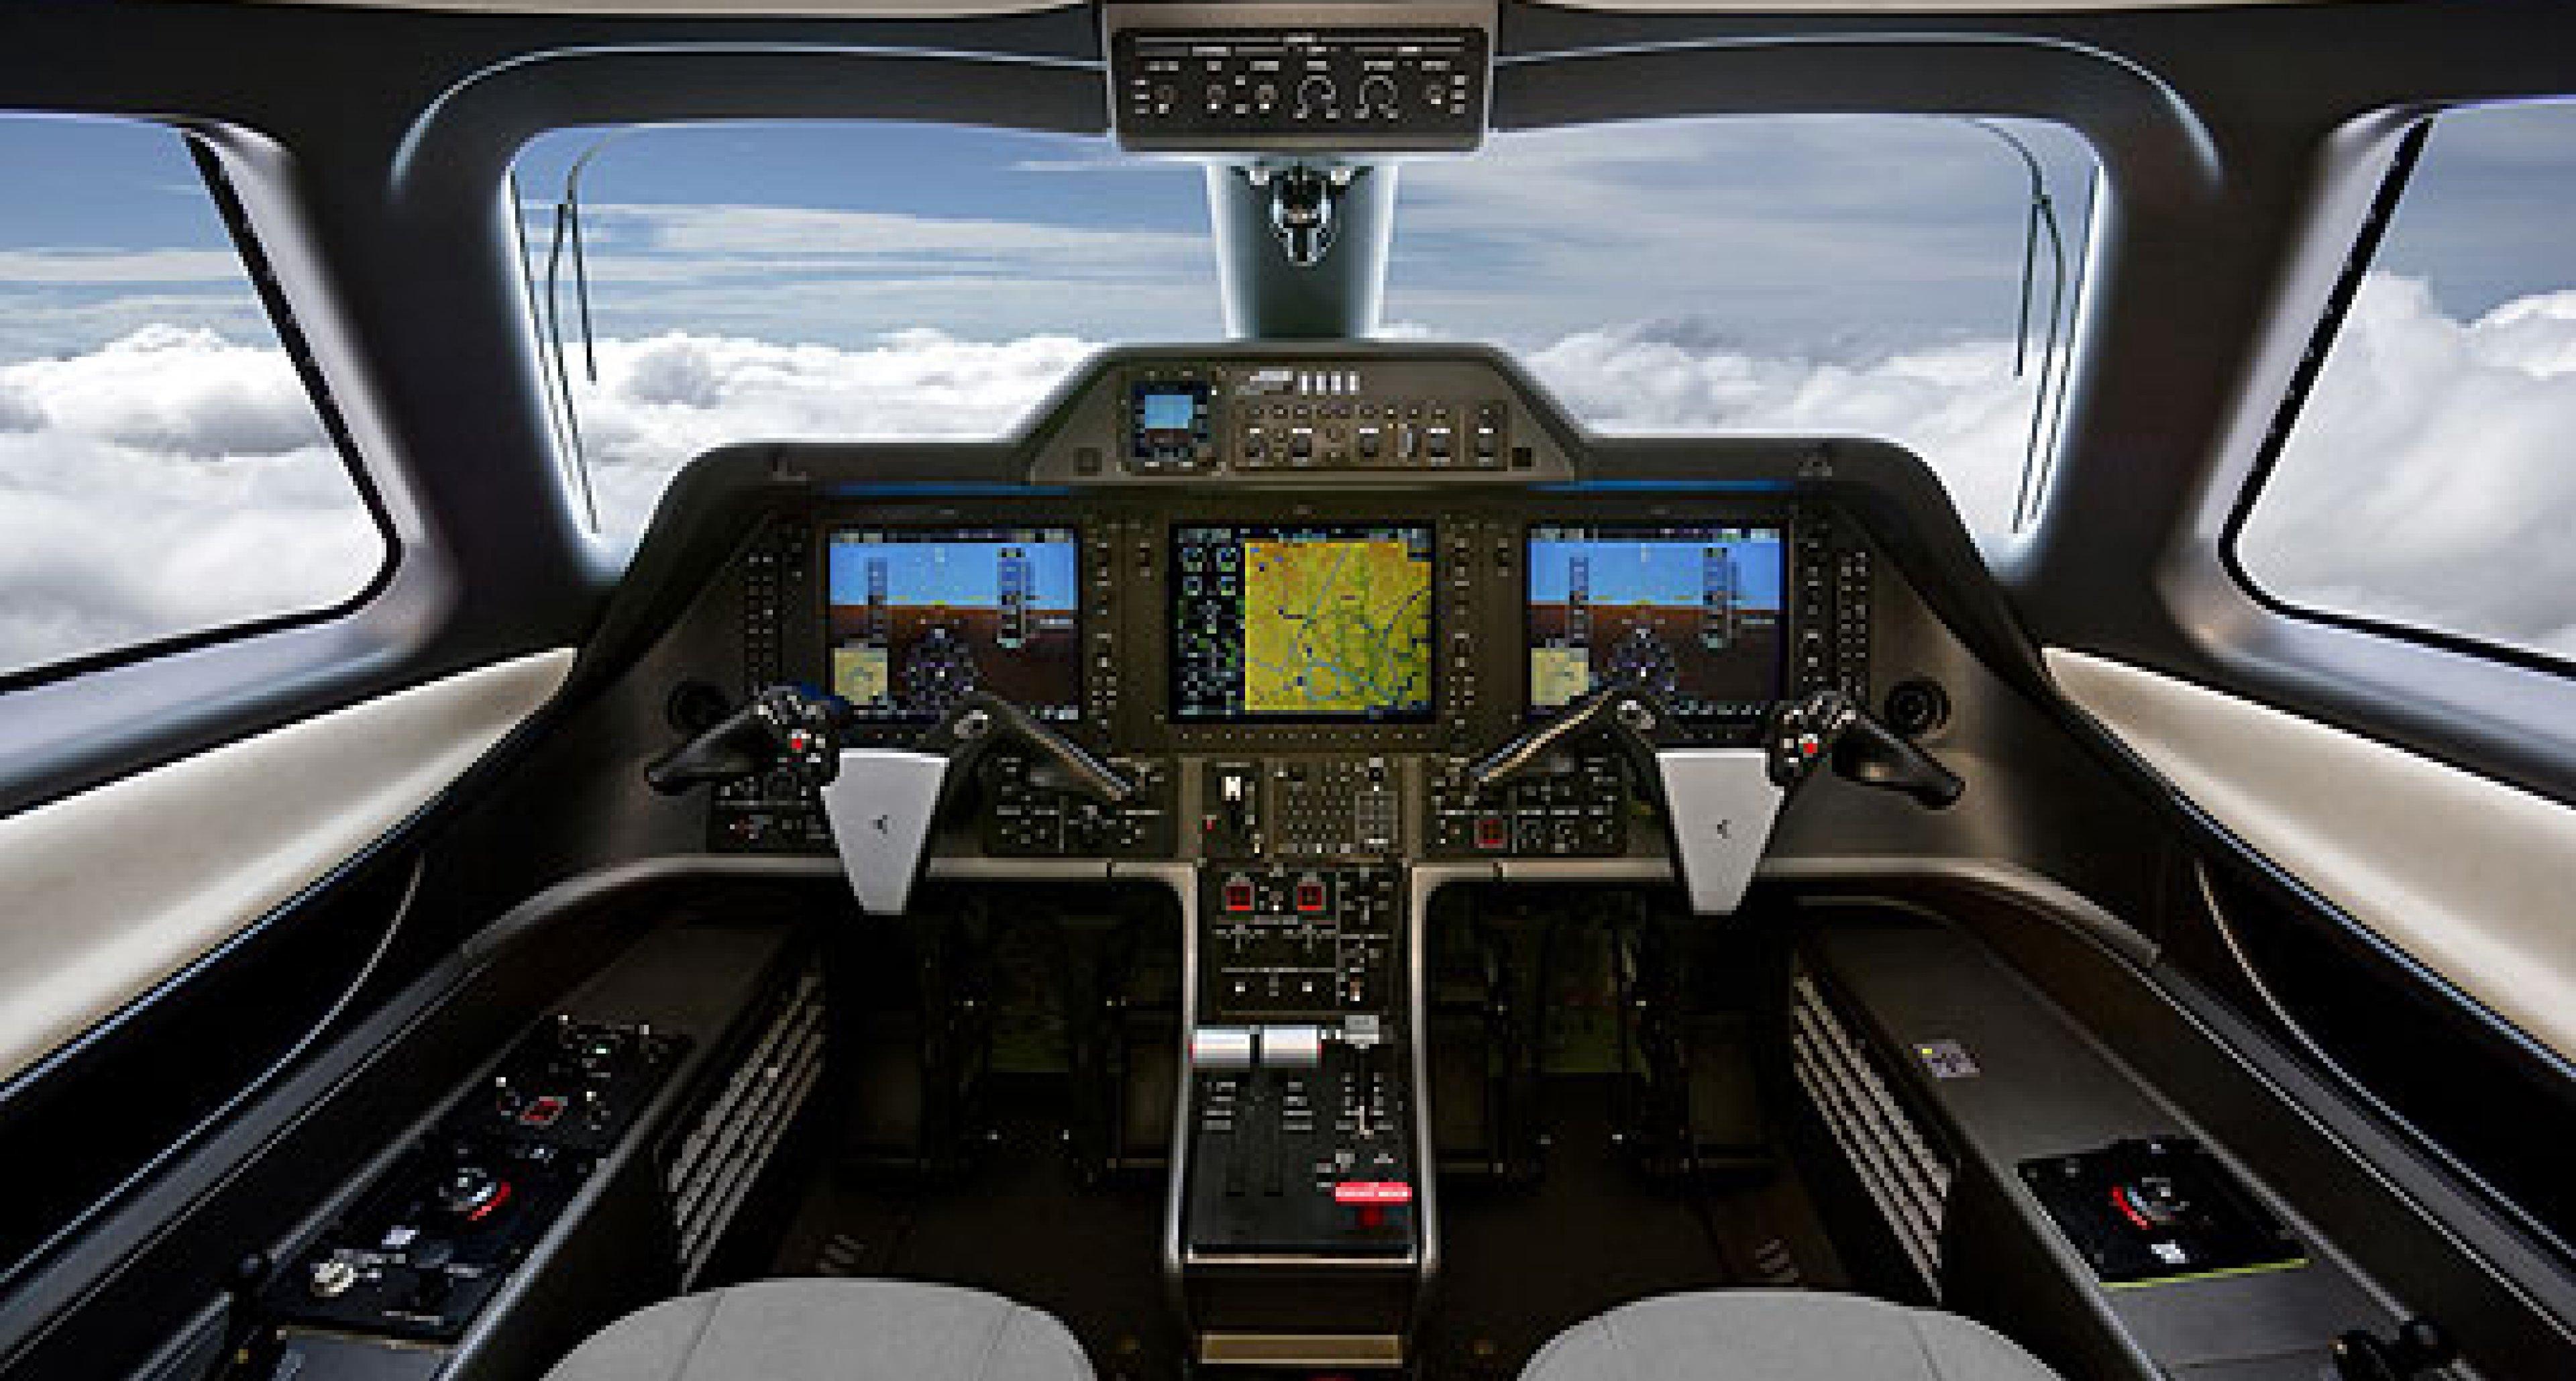 Testflug: Embraer Phenom 300